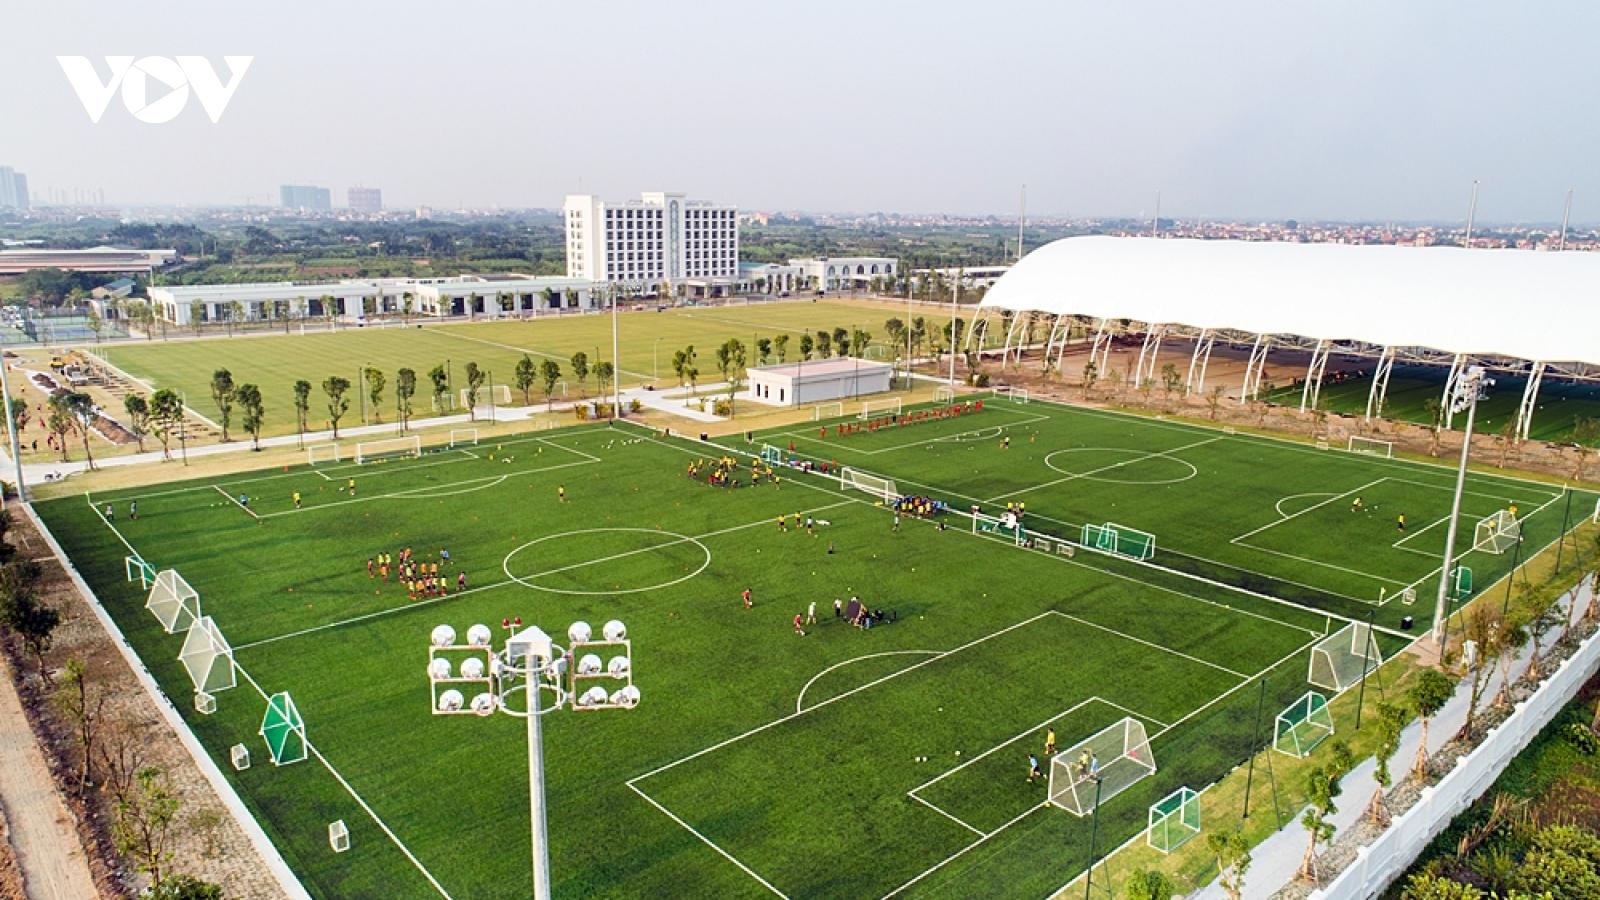 Học viện đào tạo bóng đá trẻ hàng đầu châu Á - PVF chính thức đổi chủ